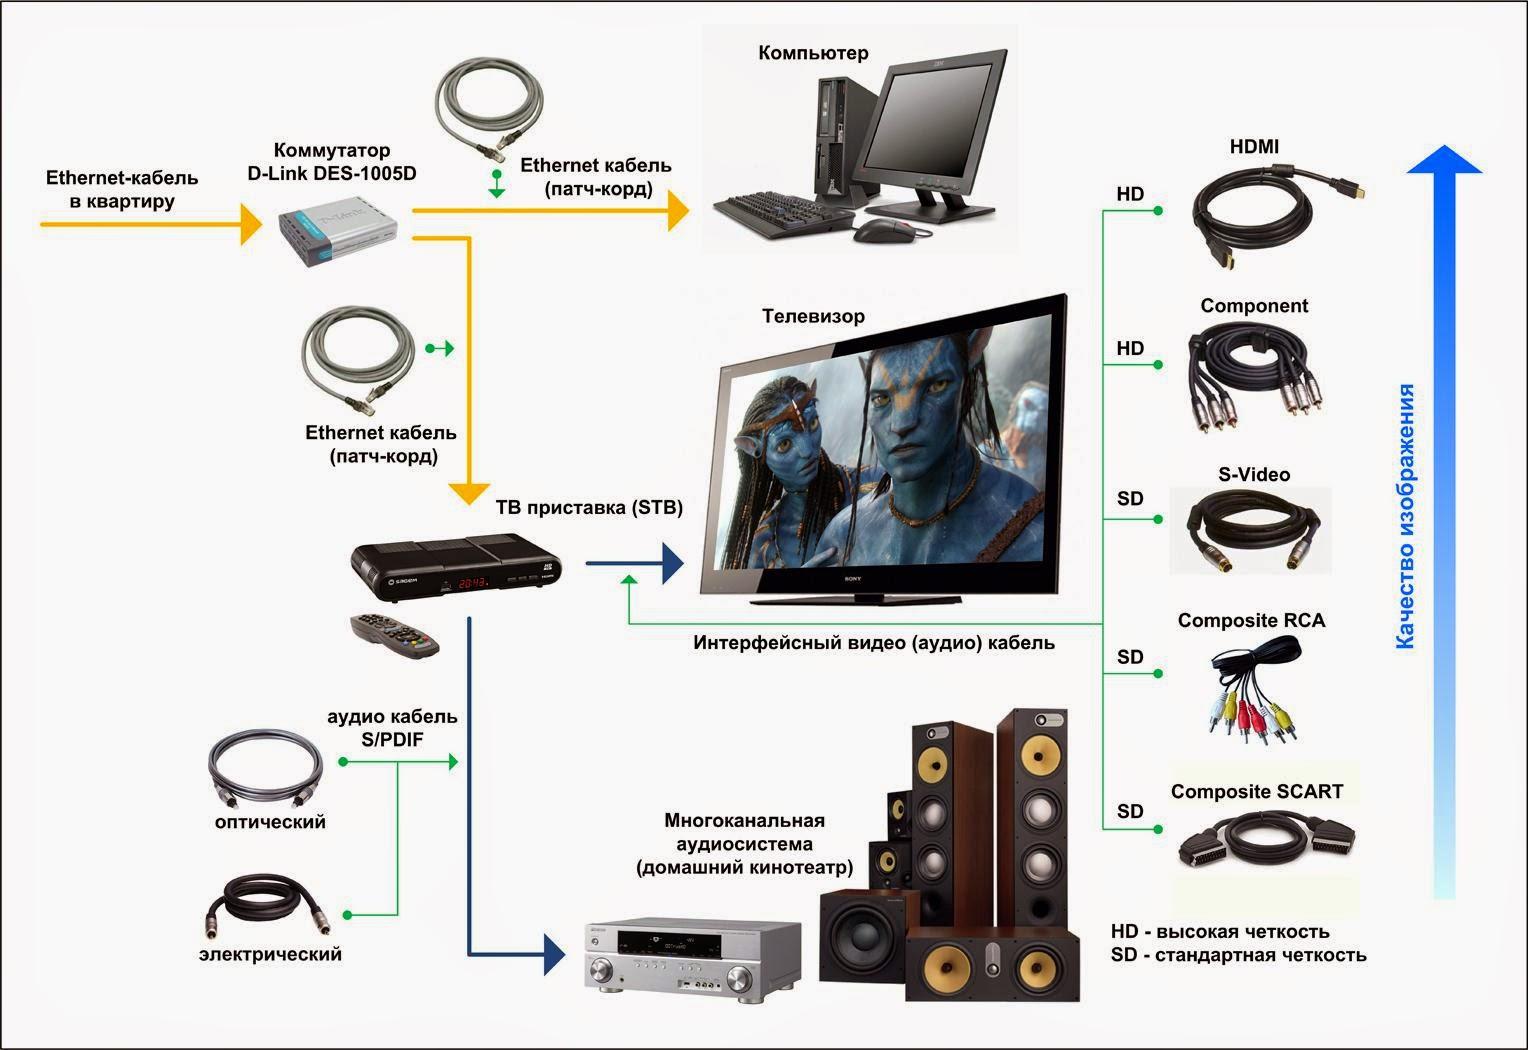 Как сделать звук на телевизоре при подключении пк через hdmi